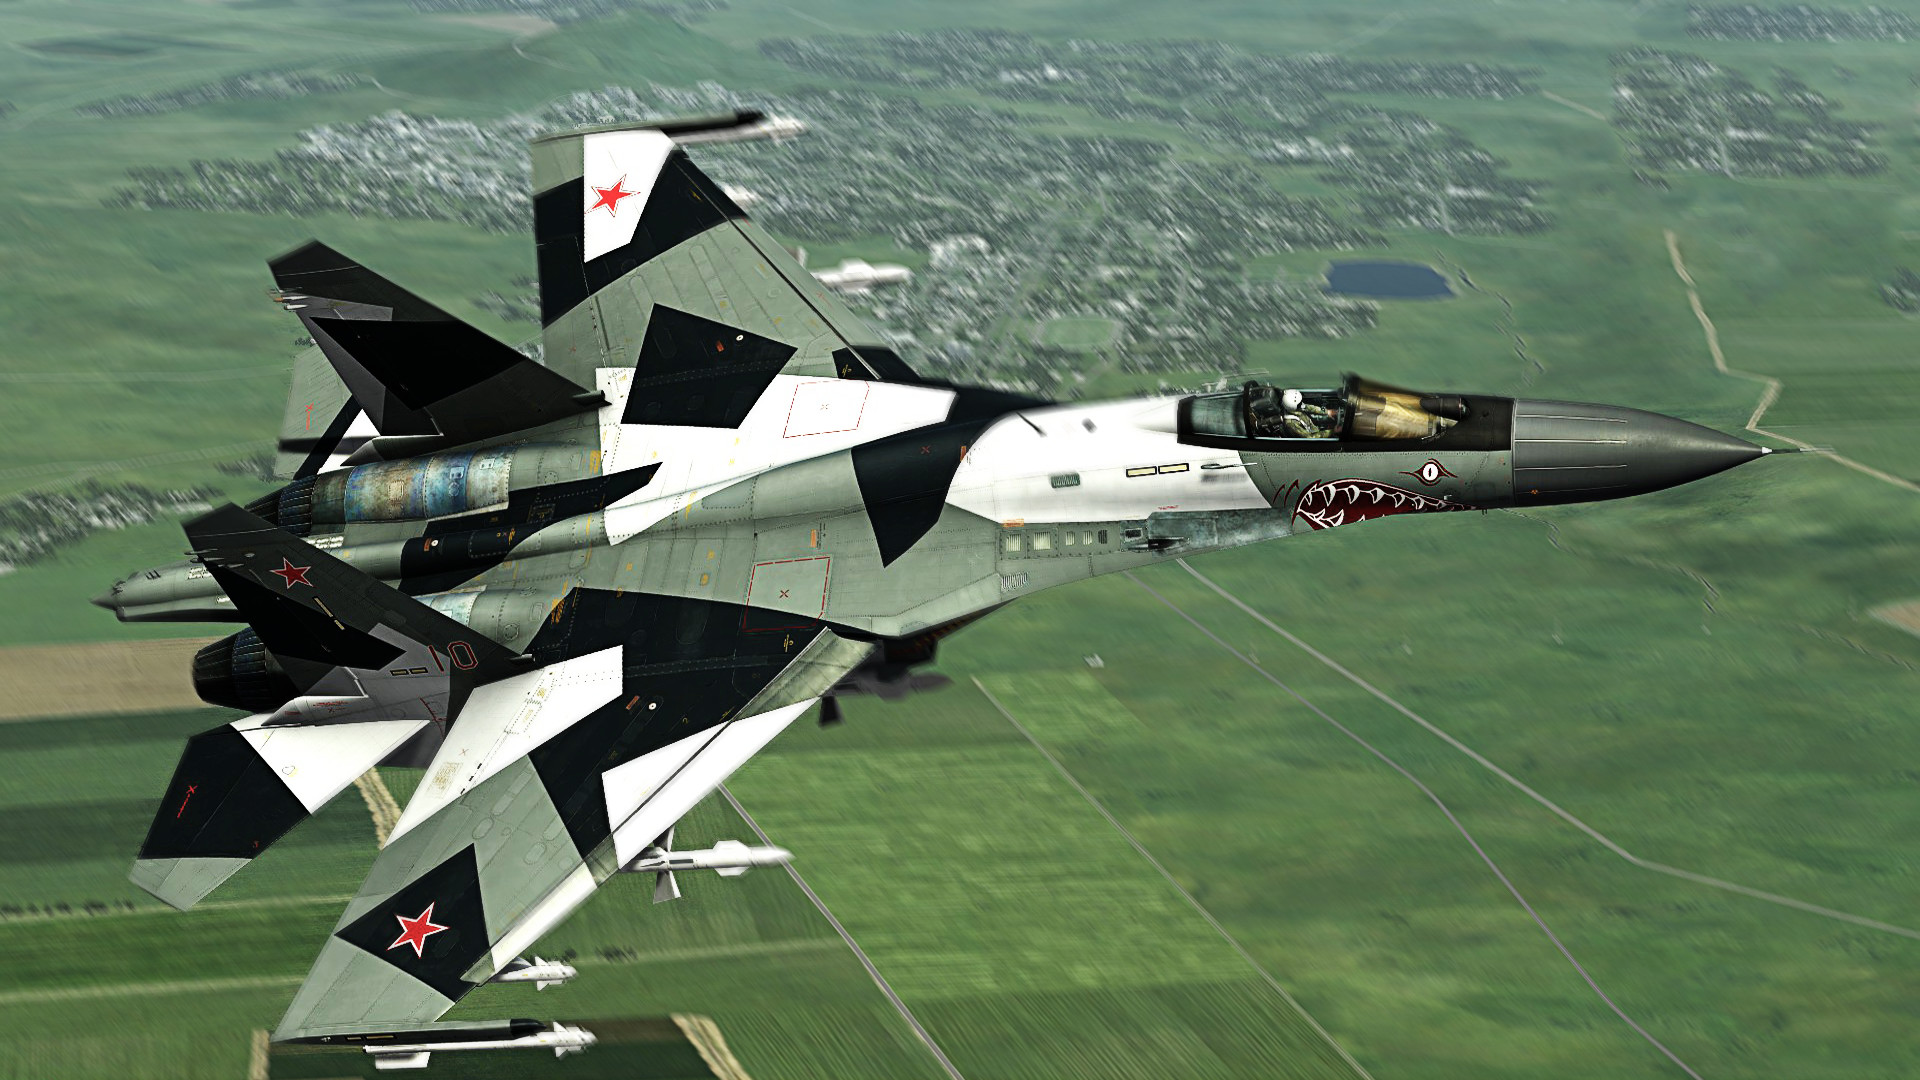 фото в четкой графике самолёты военные